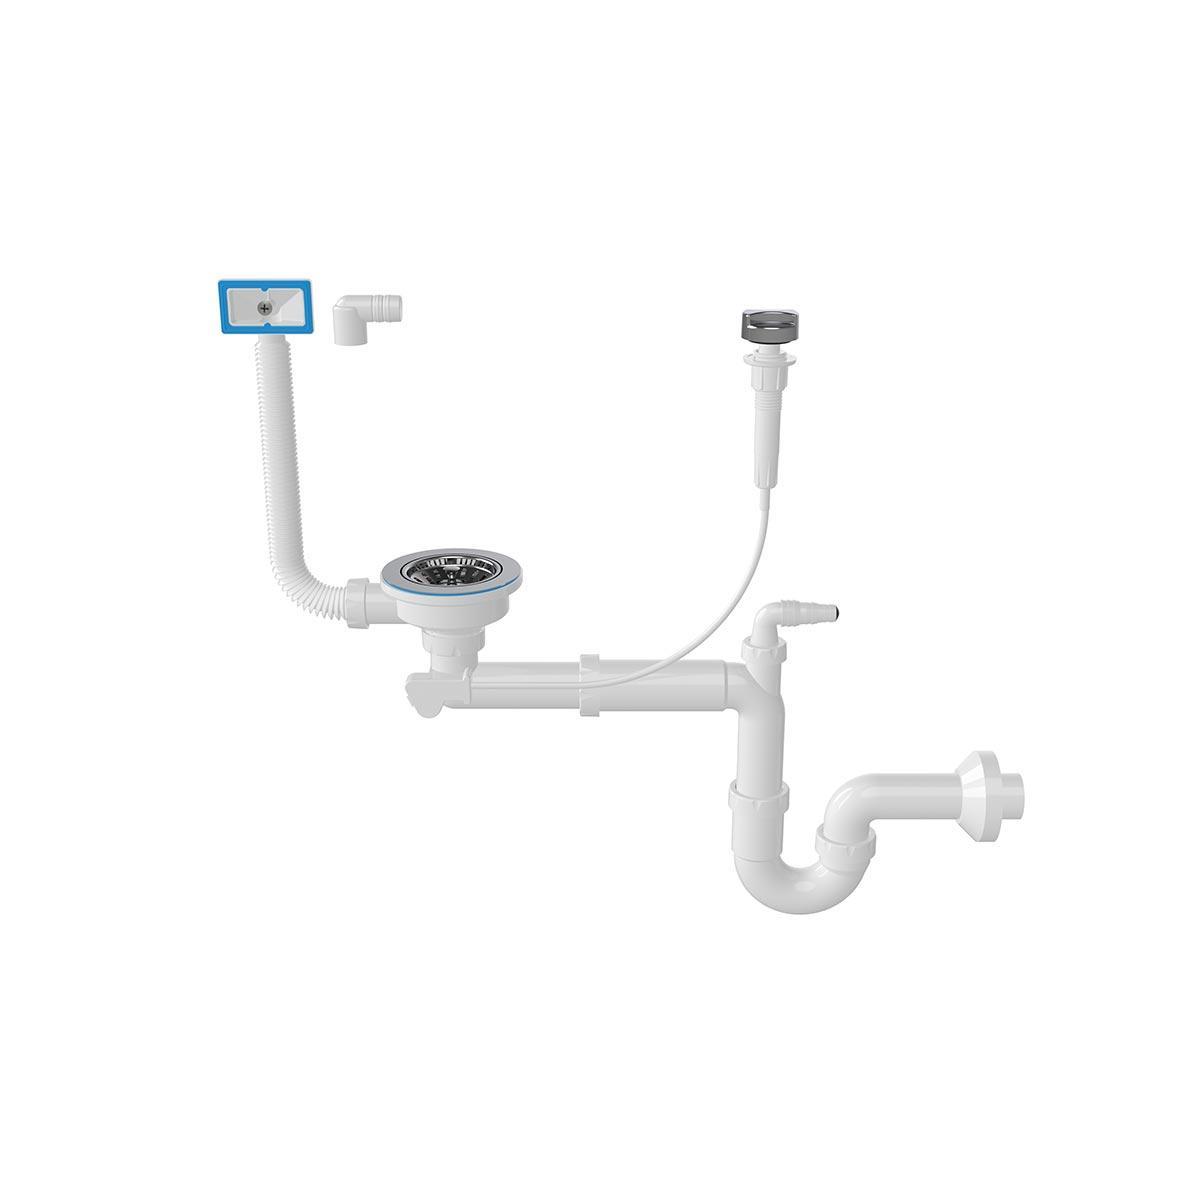 """Сифон-автомат для миття 3 1/2"""", прямоточний, випуск 114 мм, пряма труба 40 мм (NOVA 1044)"""